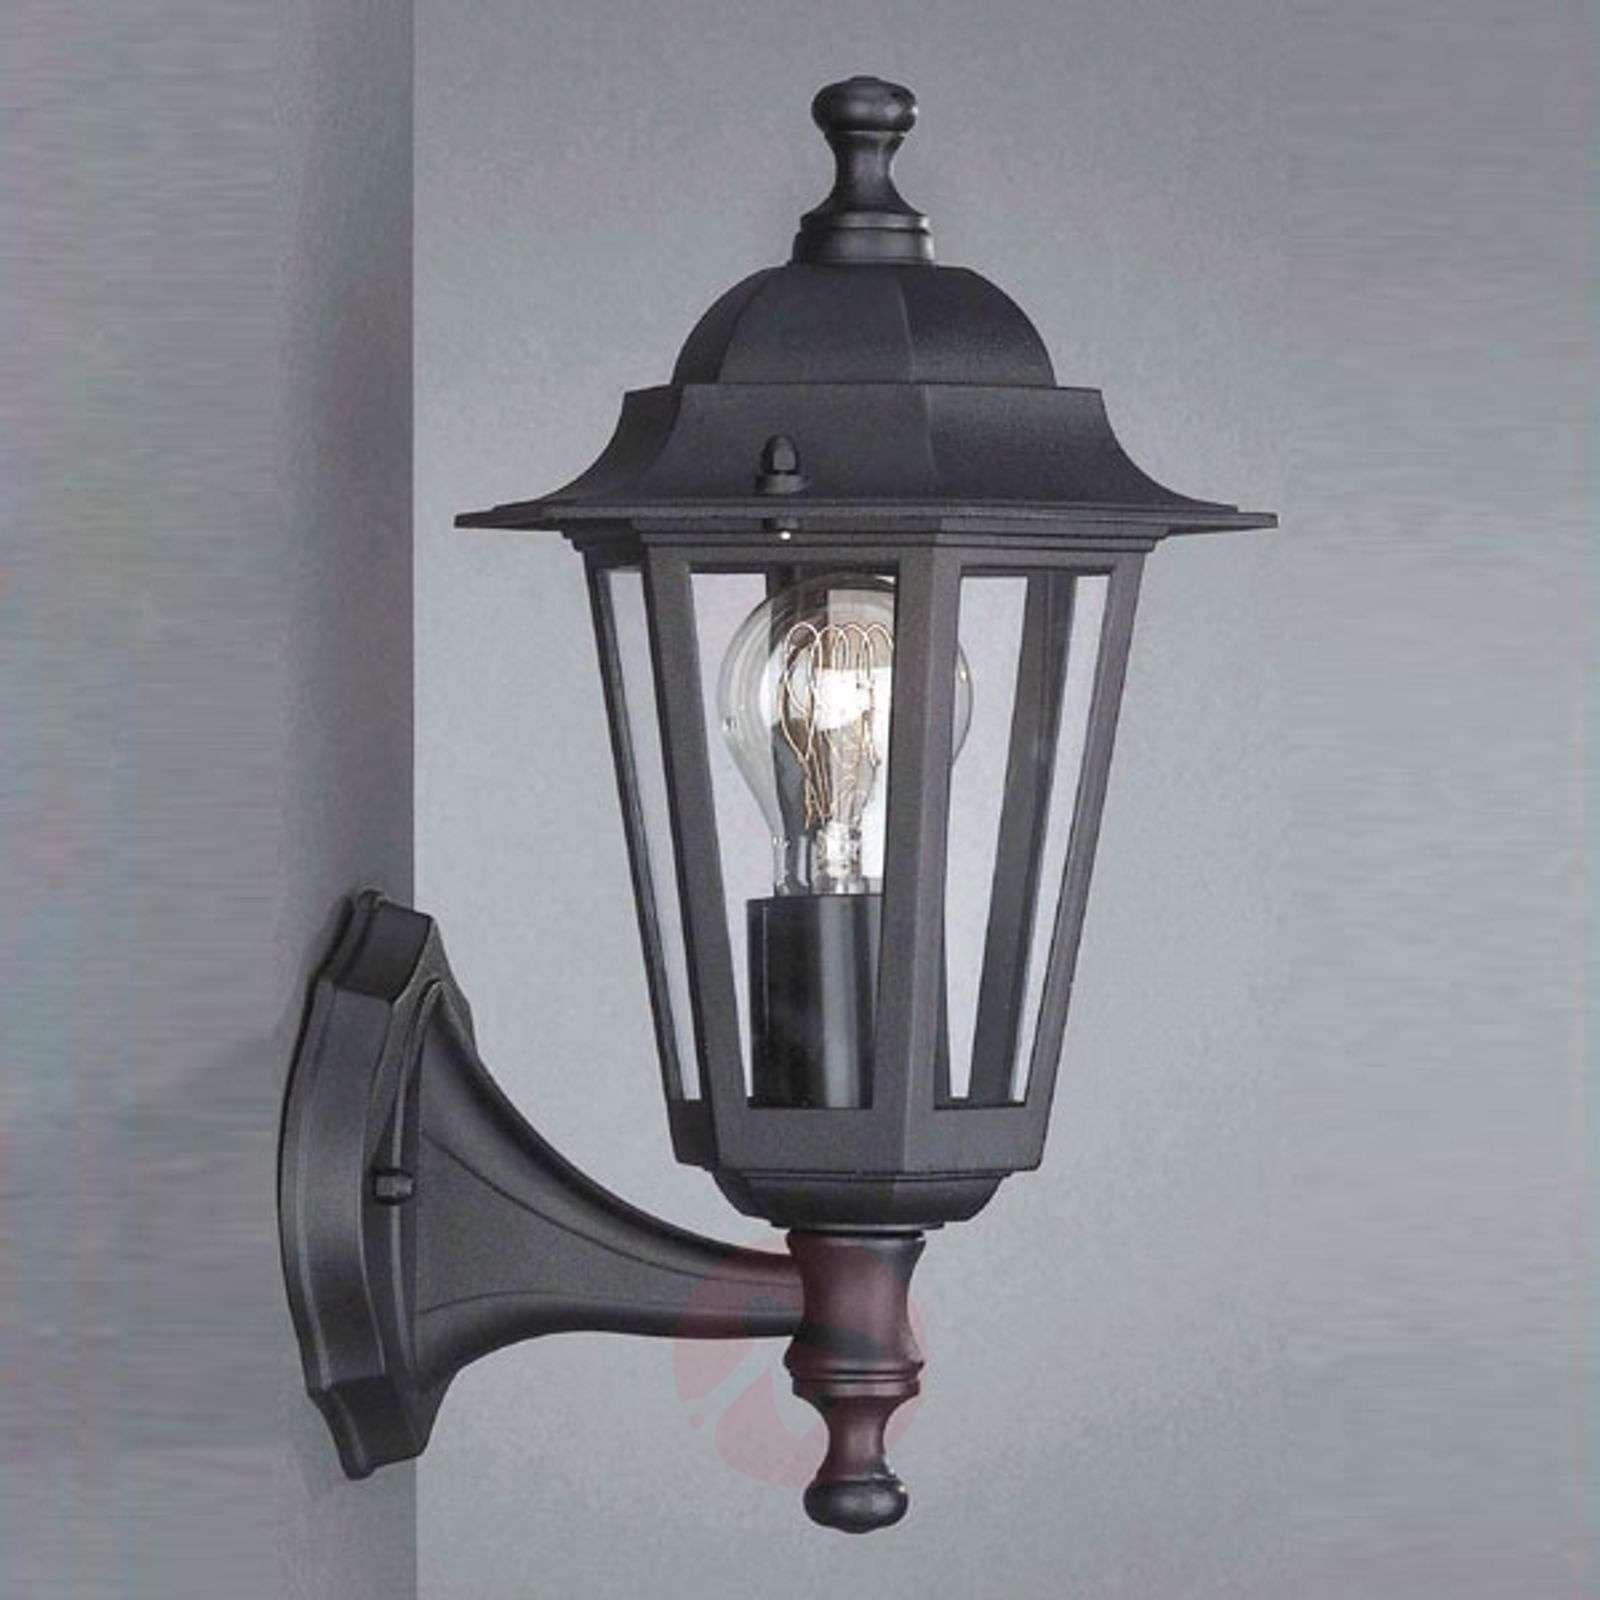 Outdoor wall lamp Peking black standing-6500177-01